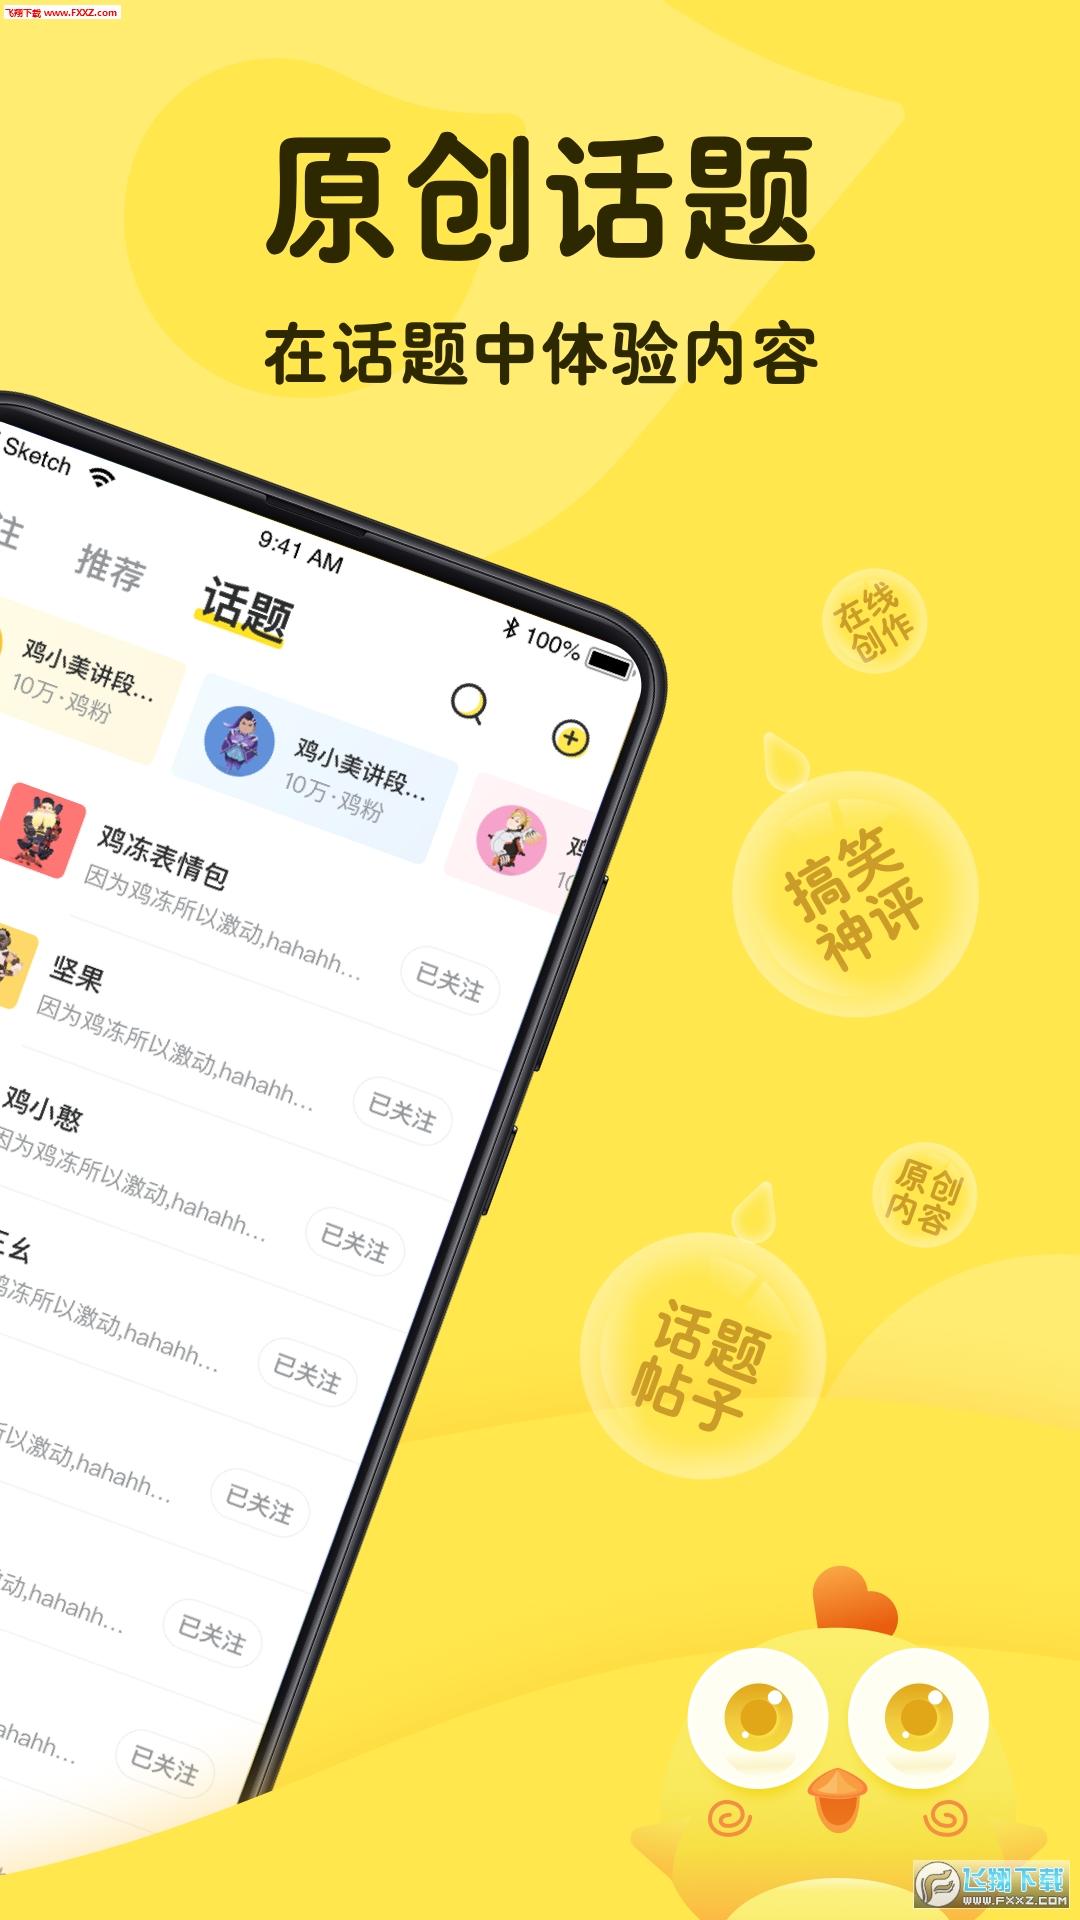 鸡冻兴趣社交app最新版4.0.0截图0